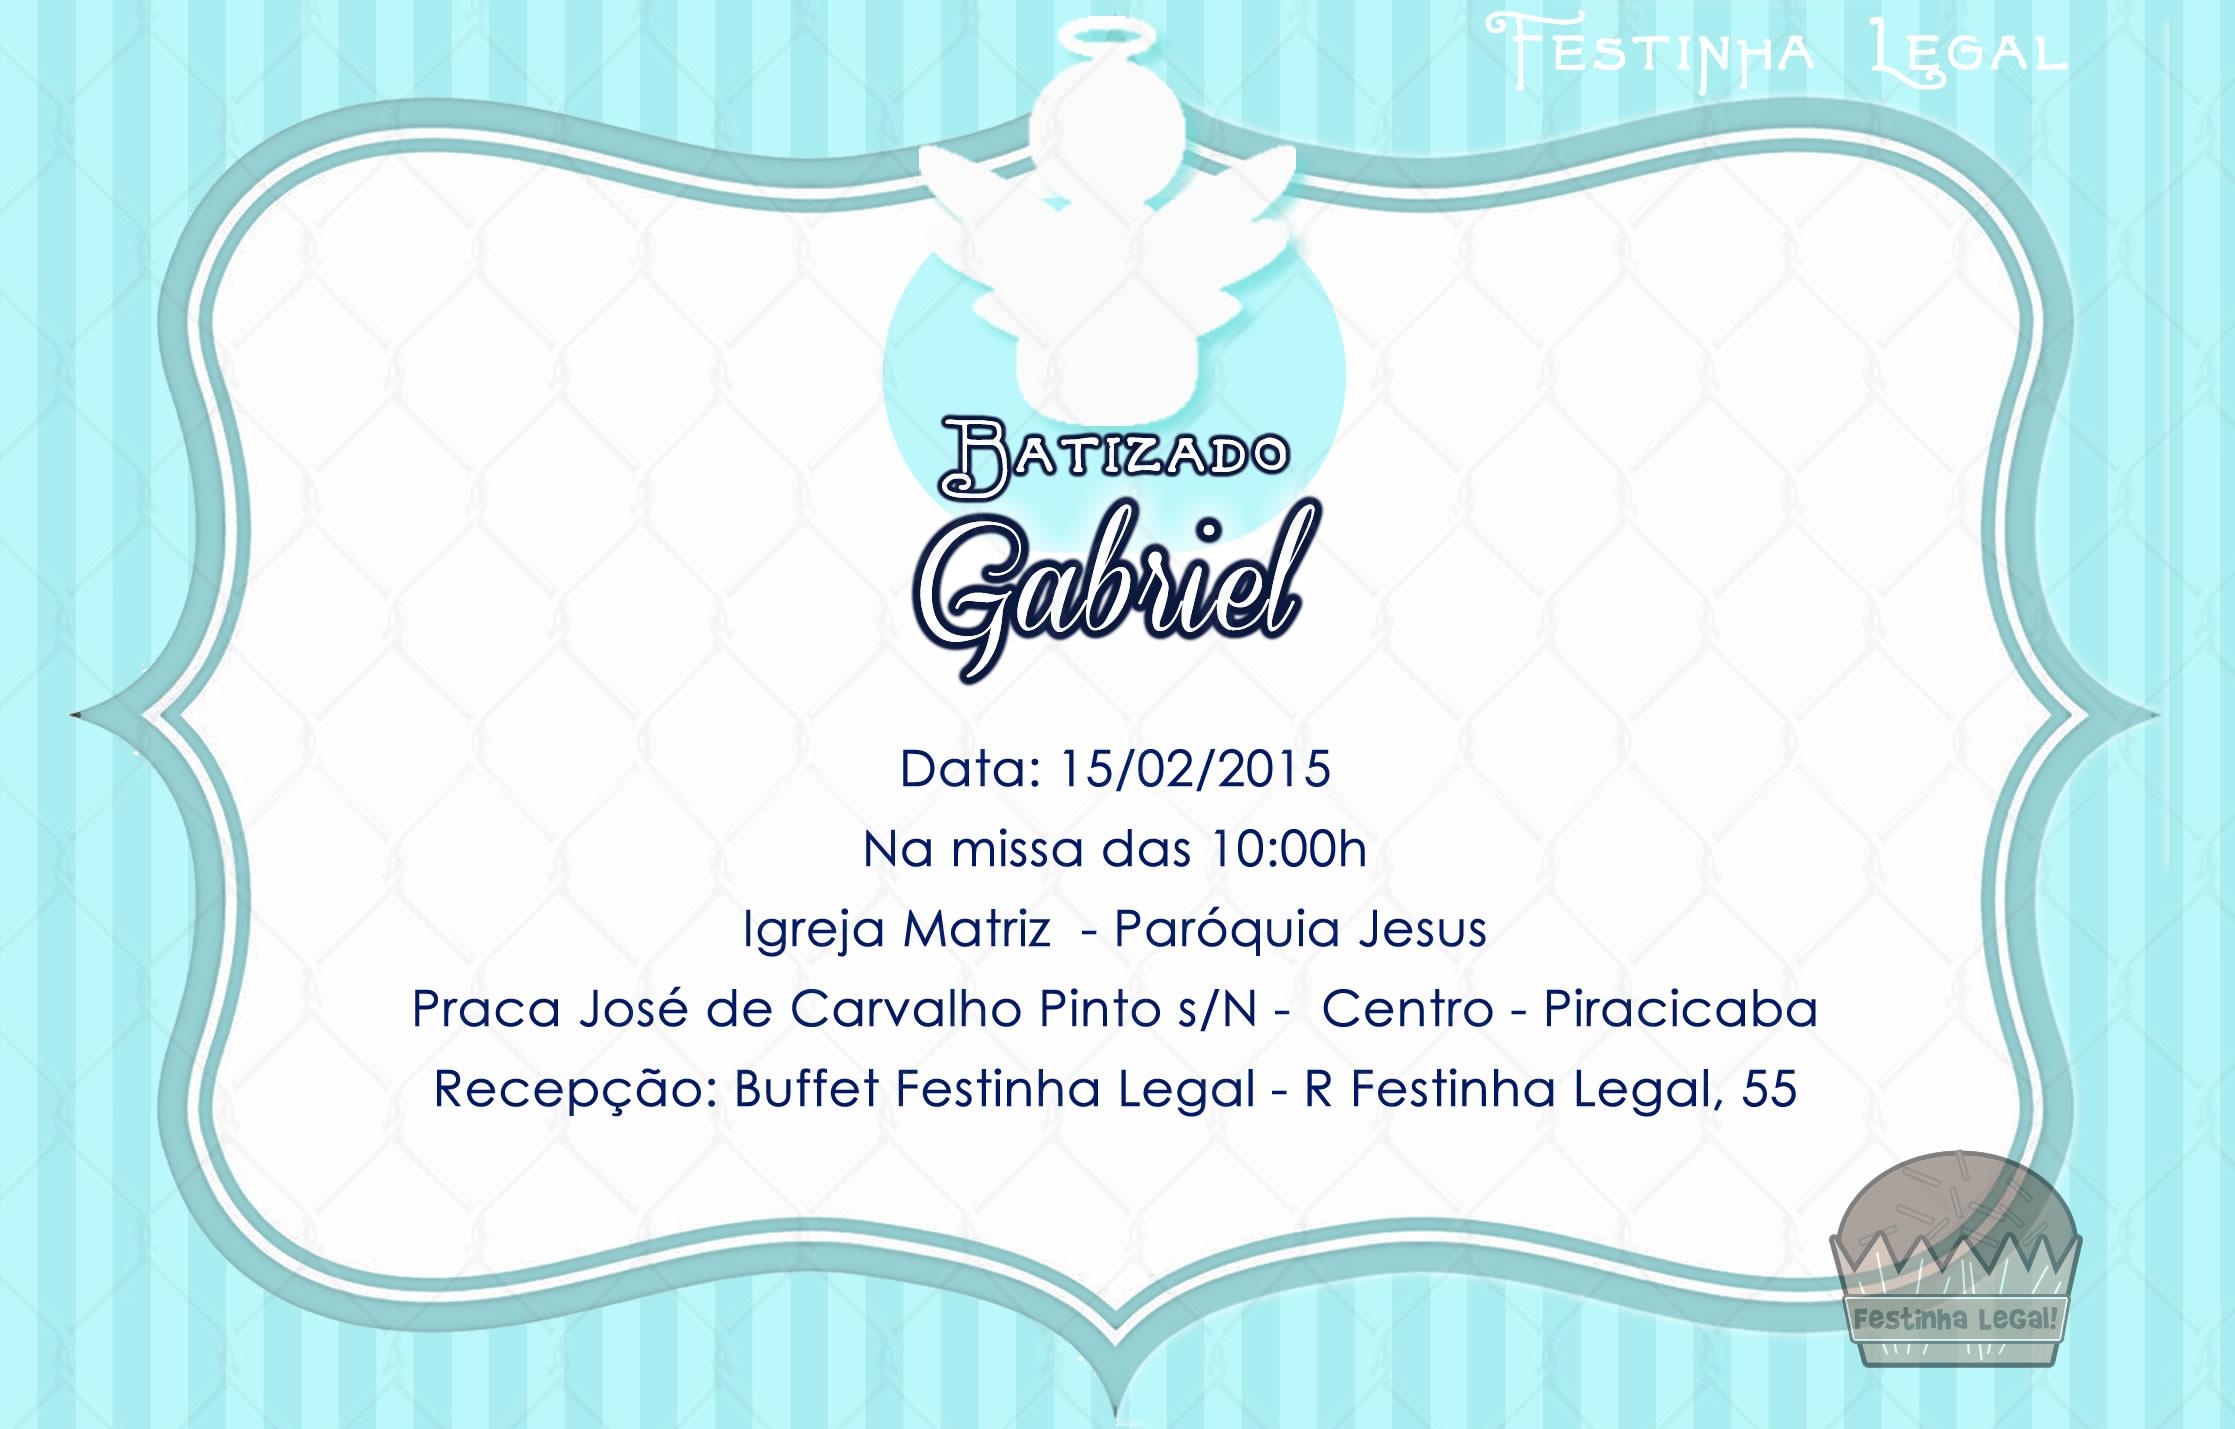 Convite virtual batizado menino no elo7 festinha legal 4df795 altavistaventures Gallery